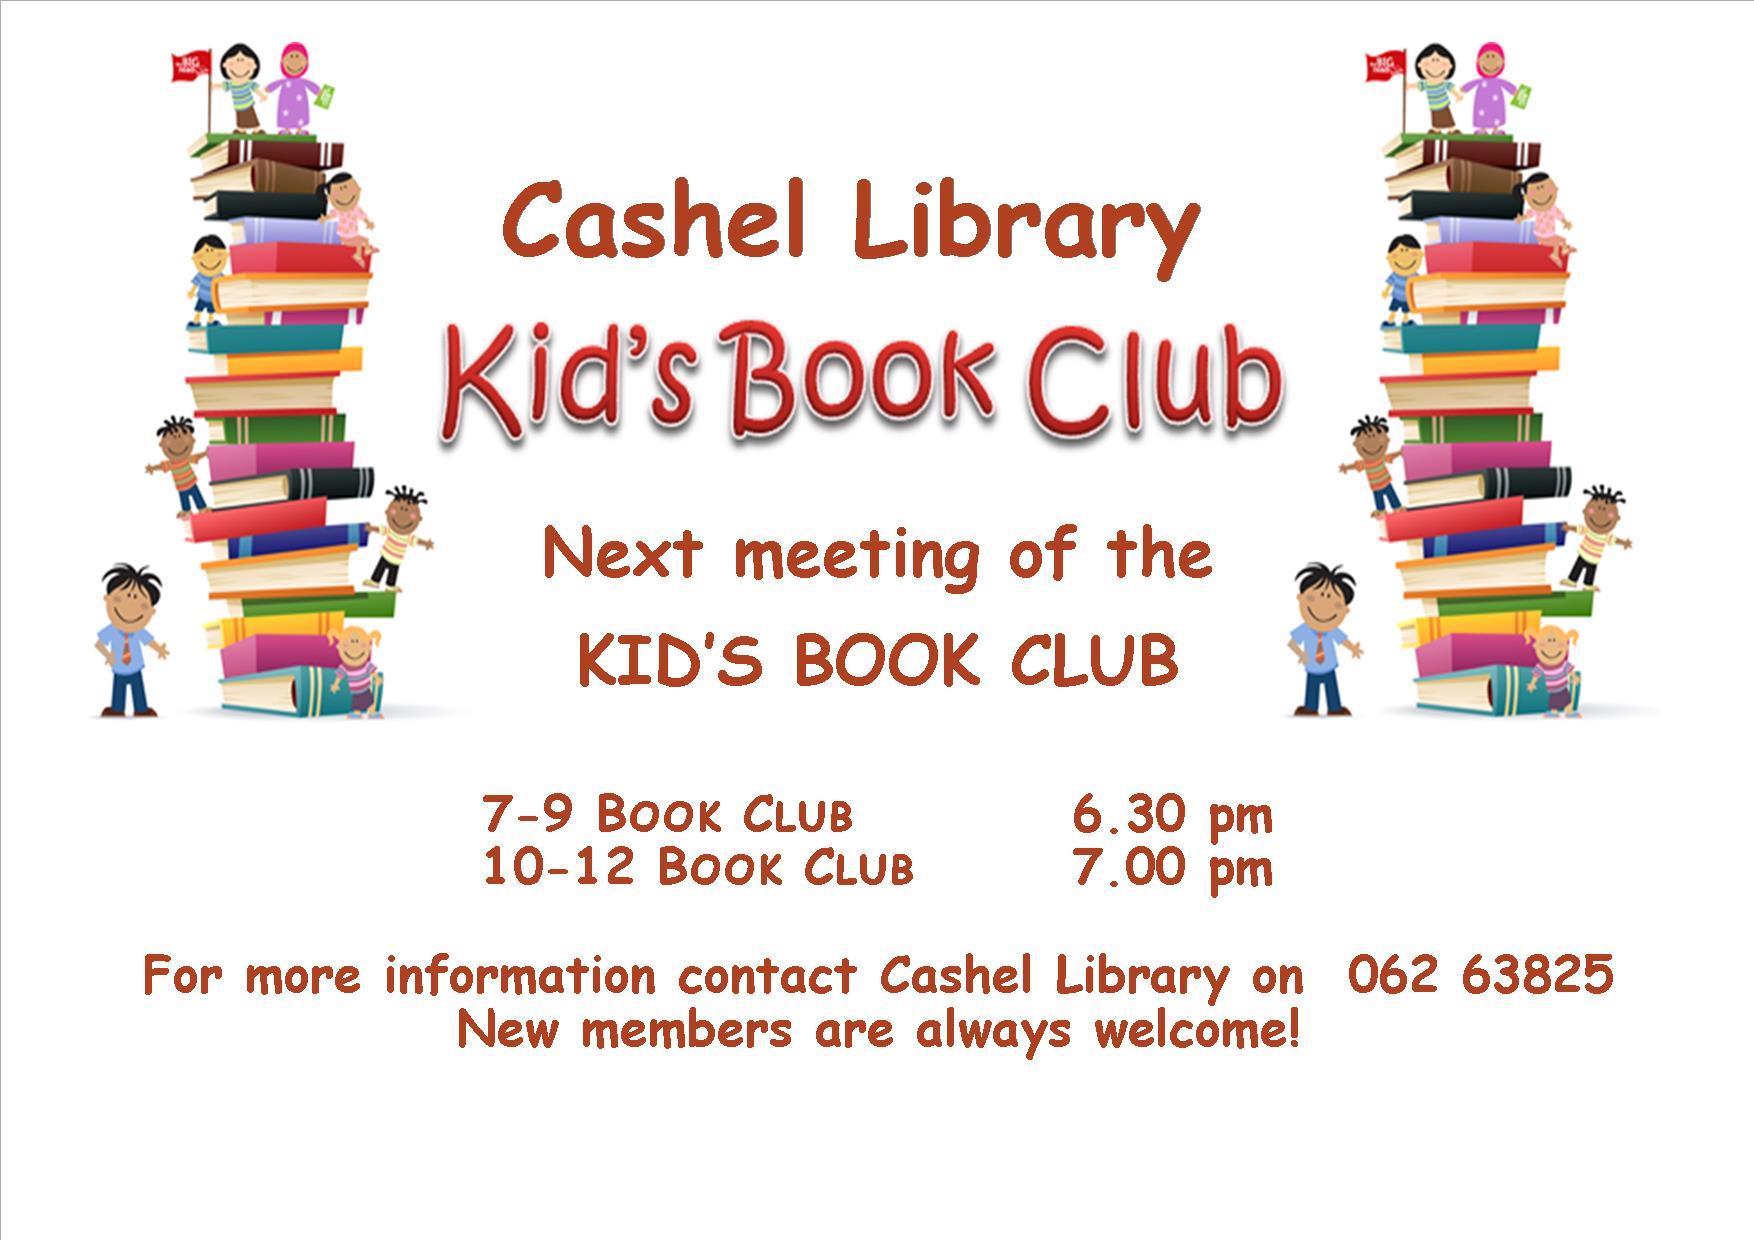 generic kids book club poster